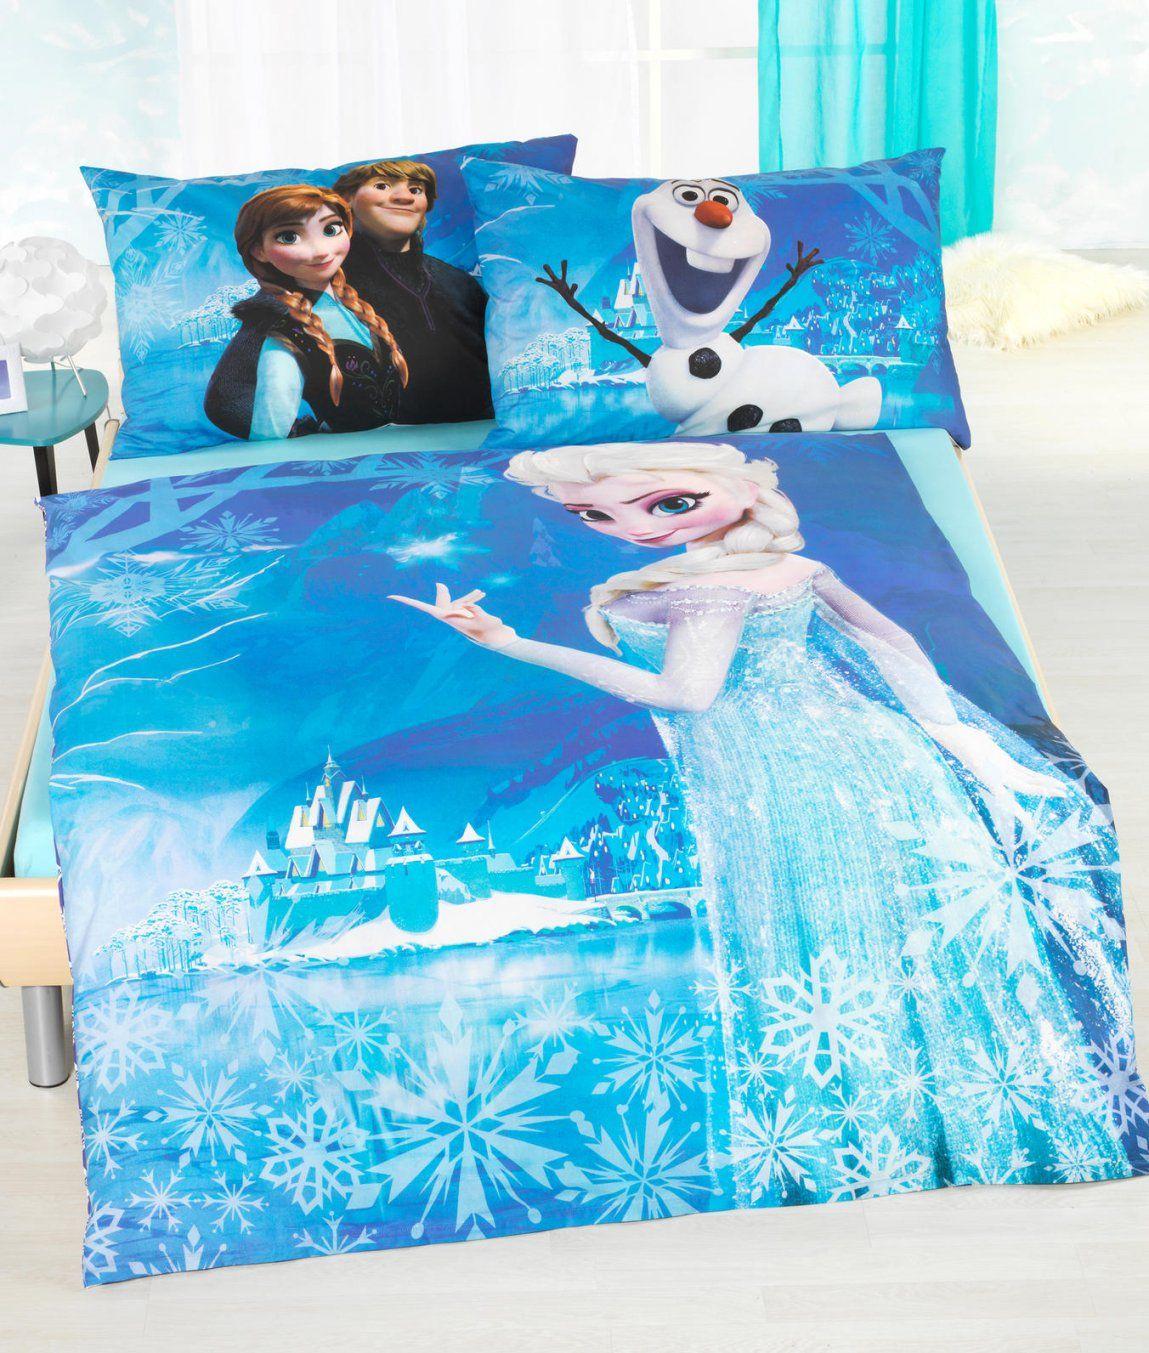 Kinderbettwäsche Garnitur Frozen Kaufen Angela Bruderer Onlineshop